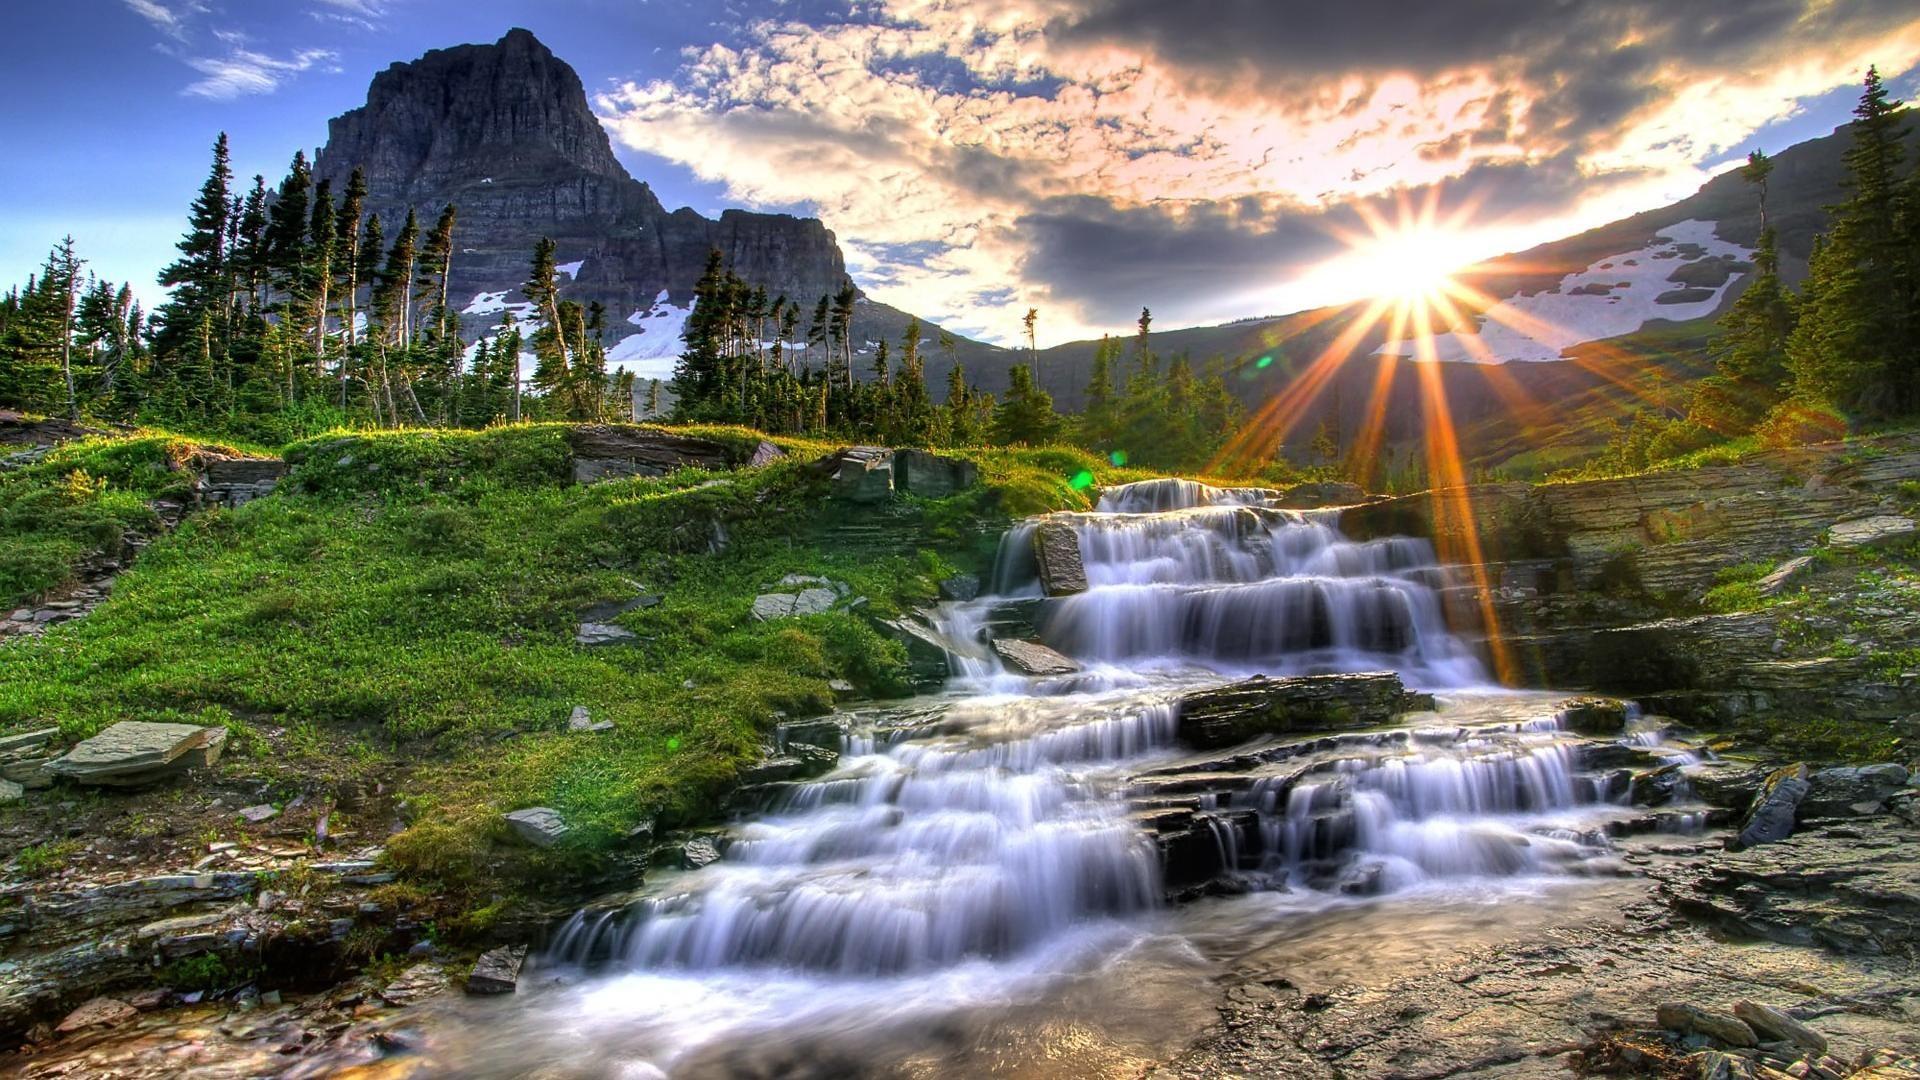 Landscape Background Images (41+ images)